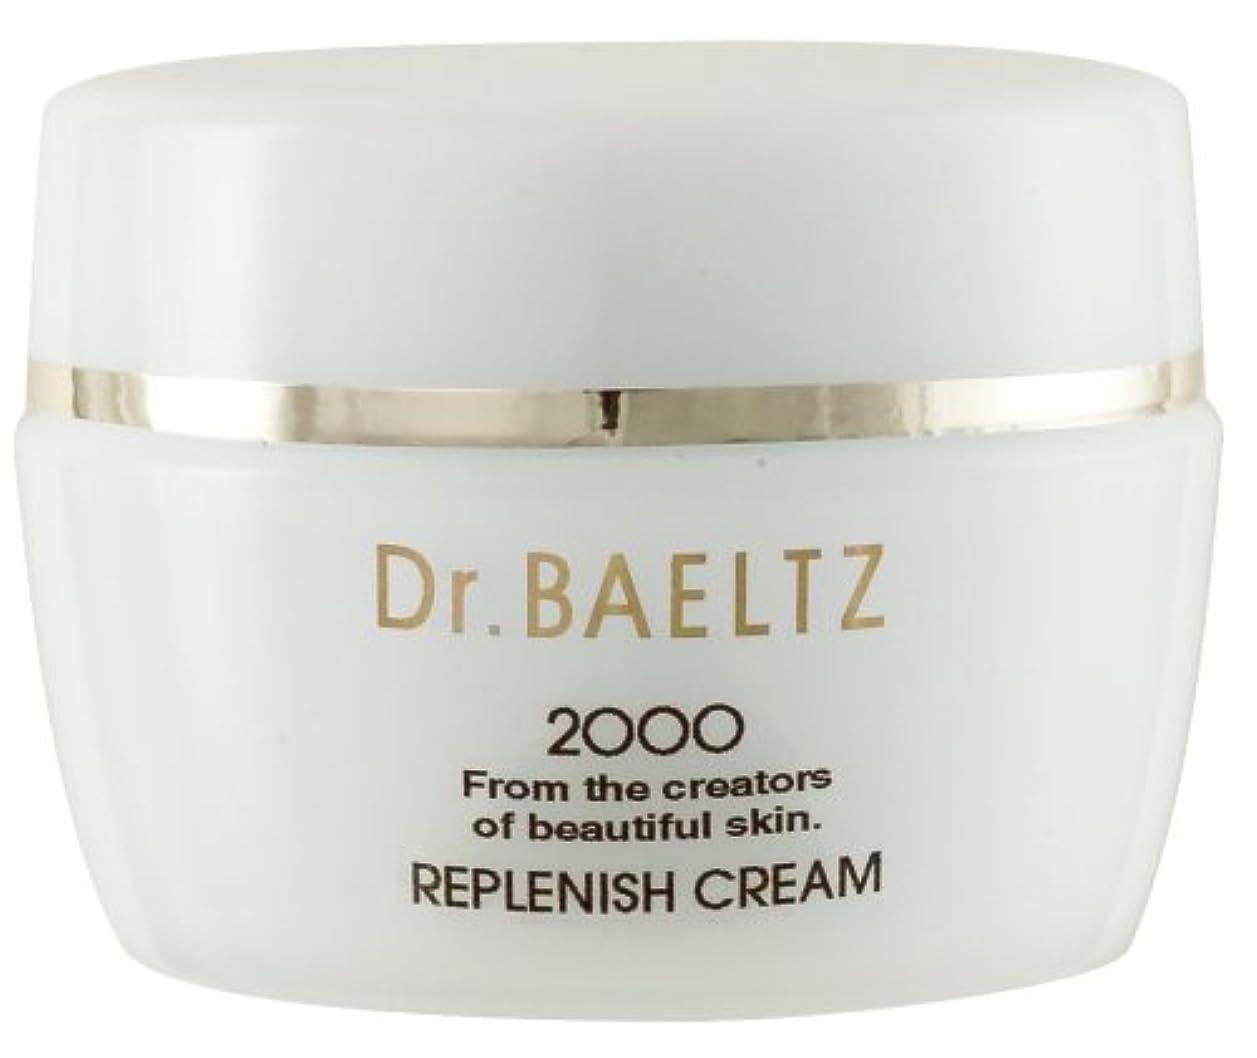 エミュレーション困惑教えドクターベルツ(Dr.BAELTZ) リプレニッシュクリーム 40g(保湿クリーム)